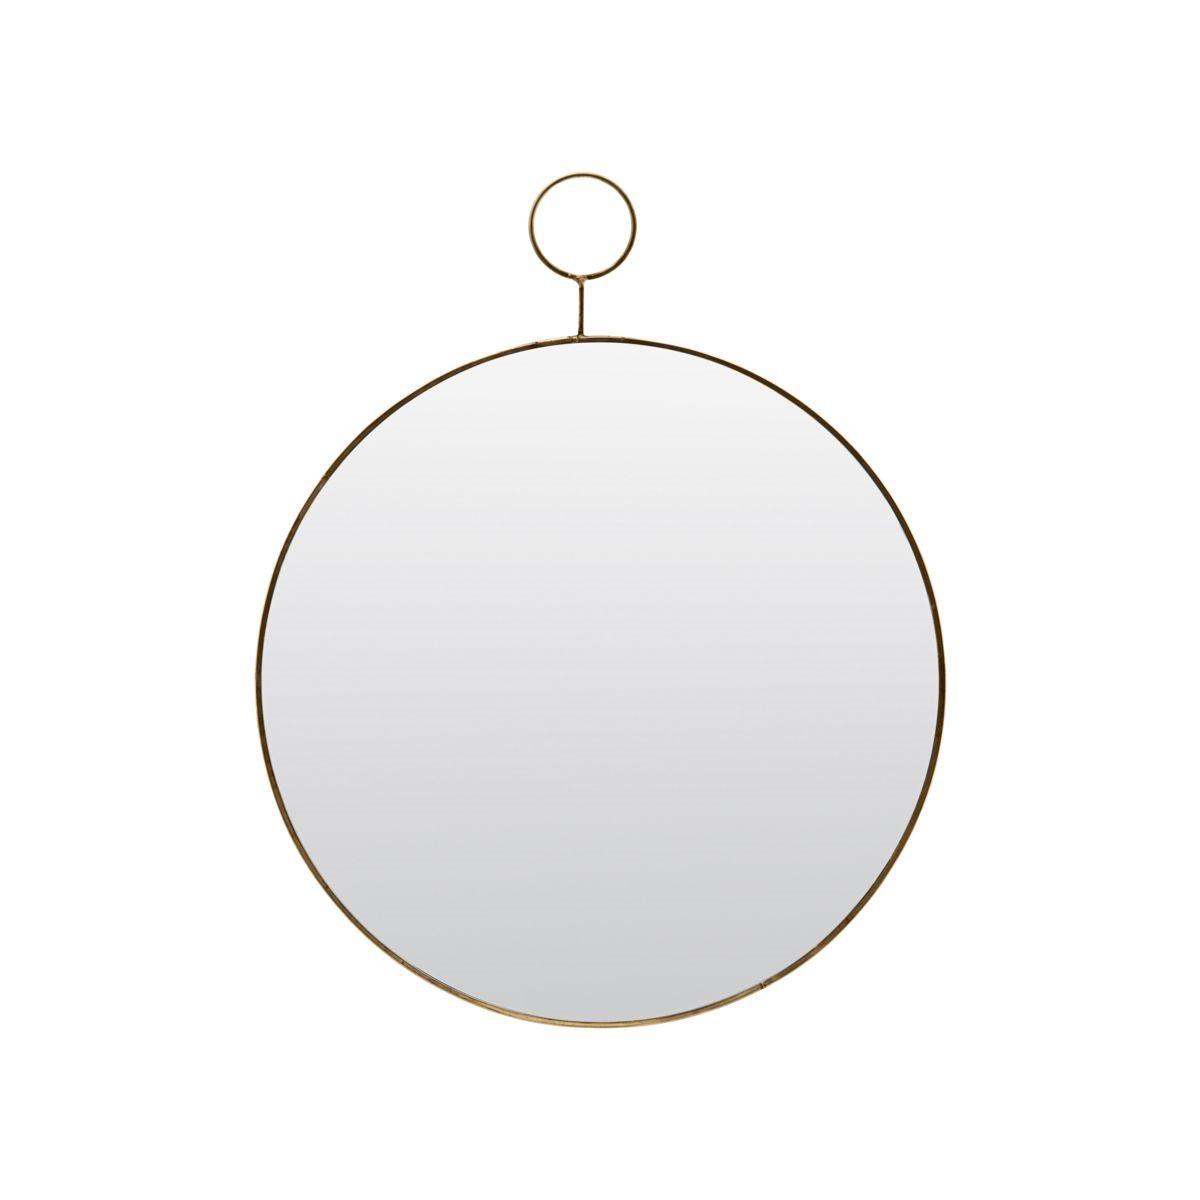 Spegel THE LOOP Ø38cm, House Doctor